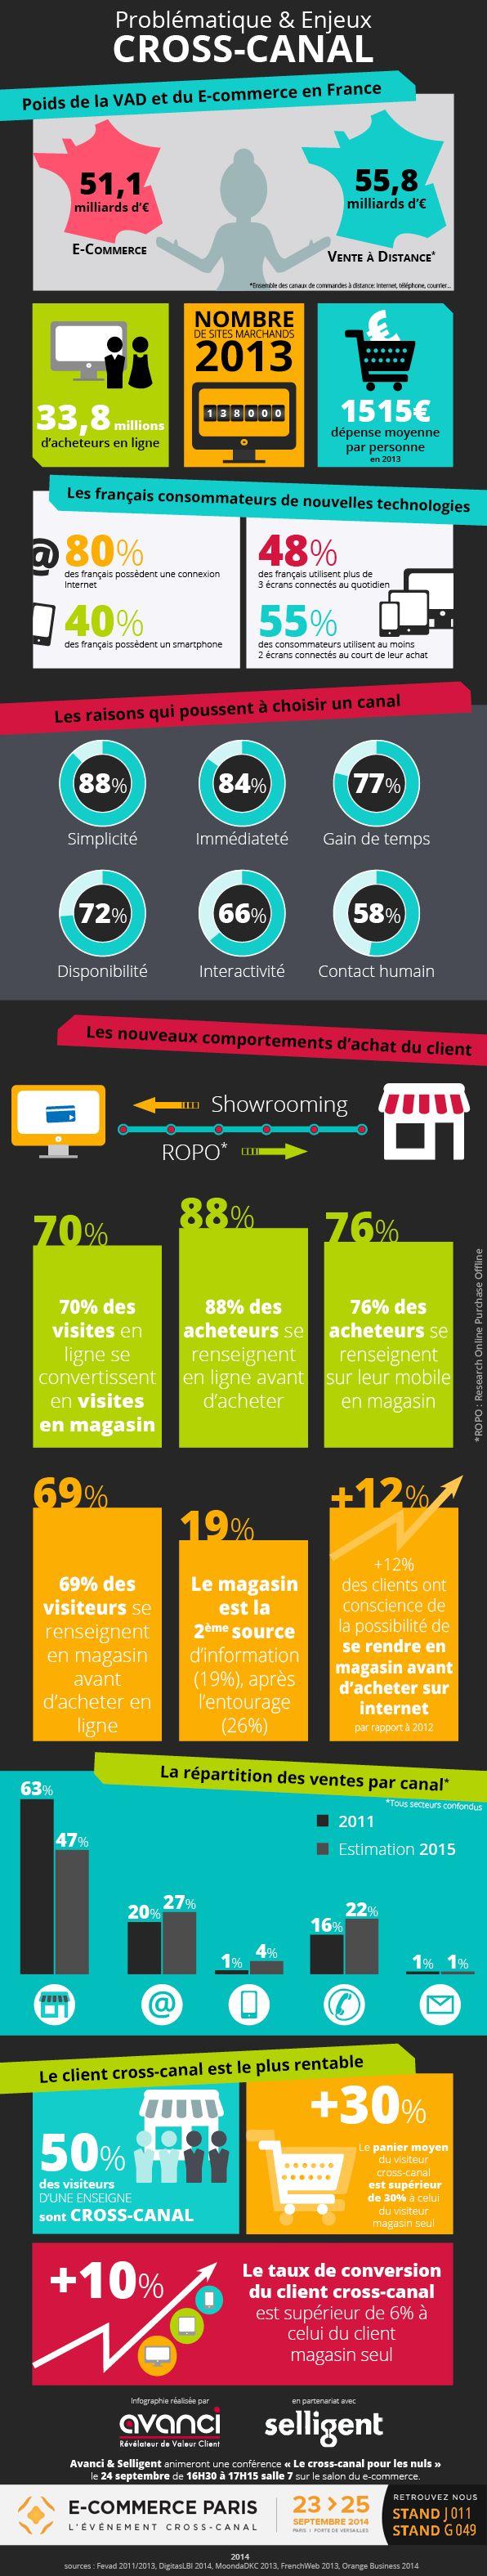 #Infographie Les enjeux du #crosscanal en France par @agenceavanci